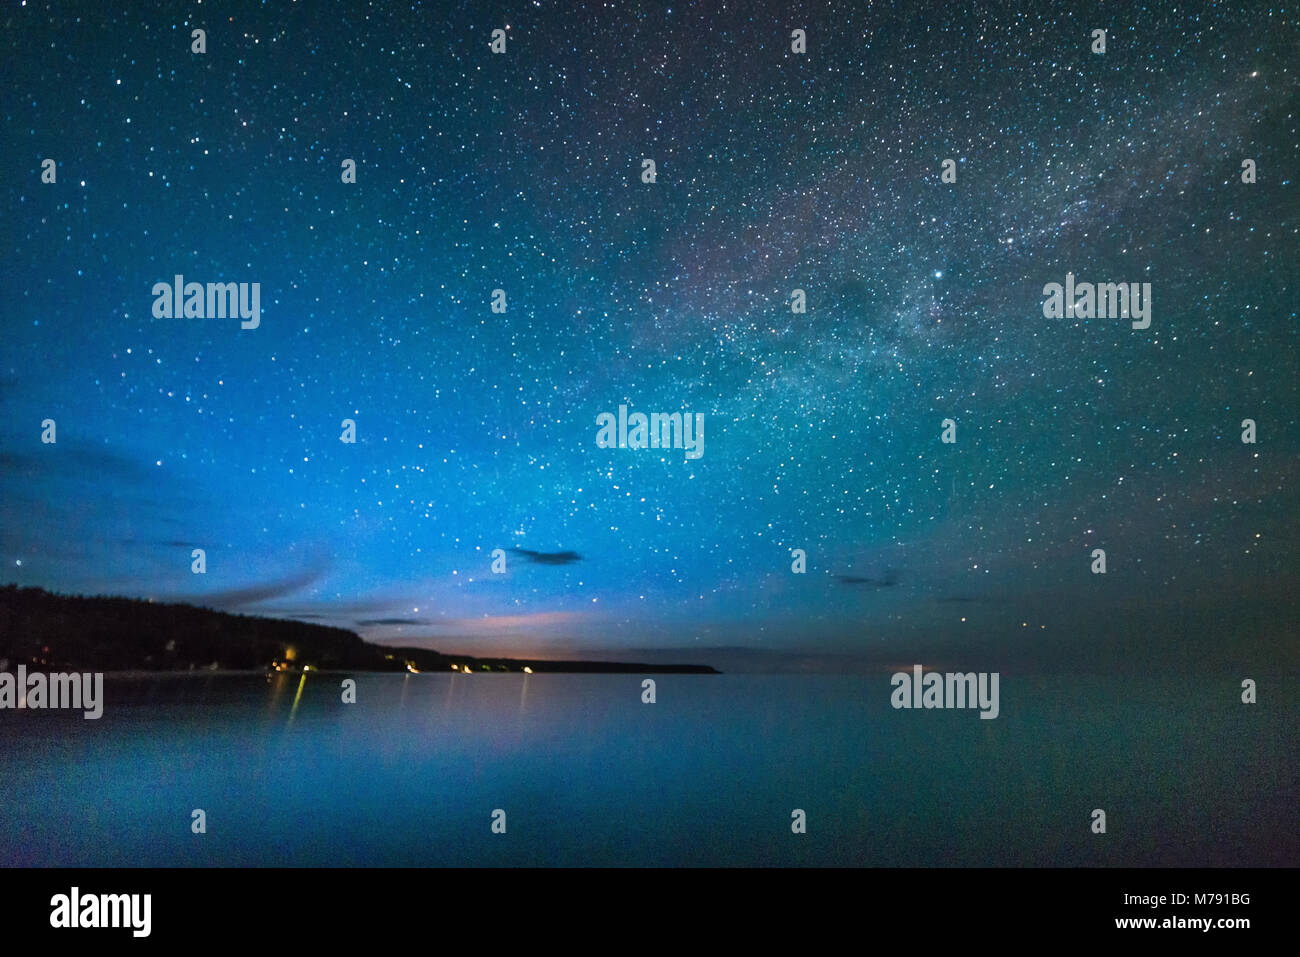 Vía Láctea y las estrellas sobre el lago (Georgian Bay forma parte del Lago Huron) mostrando la costa y acantilados Foto de stock